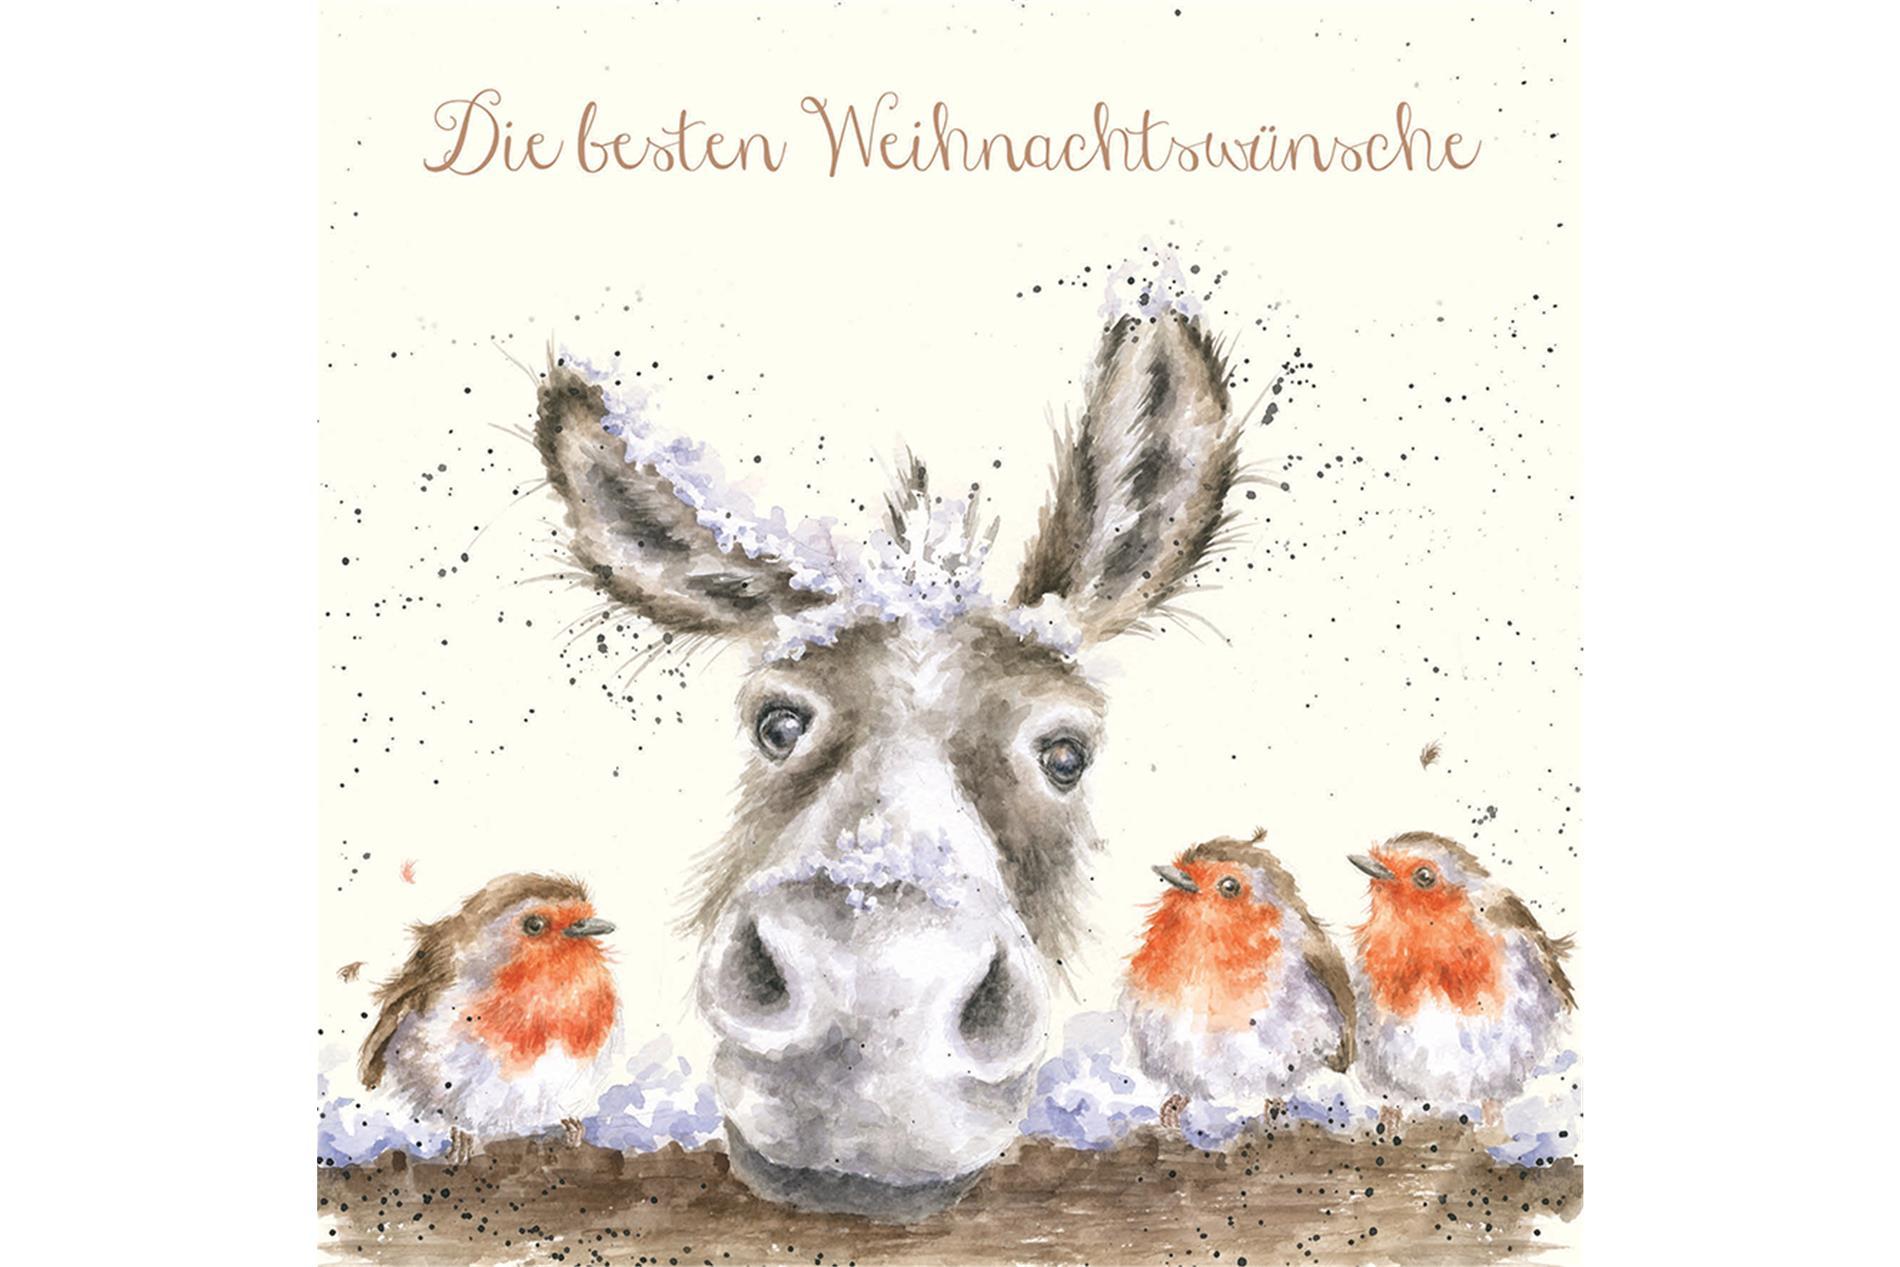 Wrendale Doppelkarte Weihnachten mit Umschlag, Die besten Weihnachtswünsche, Motiv Esel & Rotkehlchen,15x15 cm